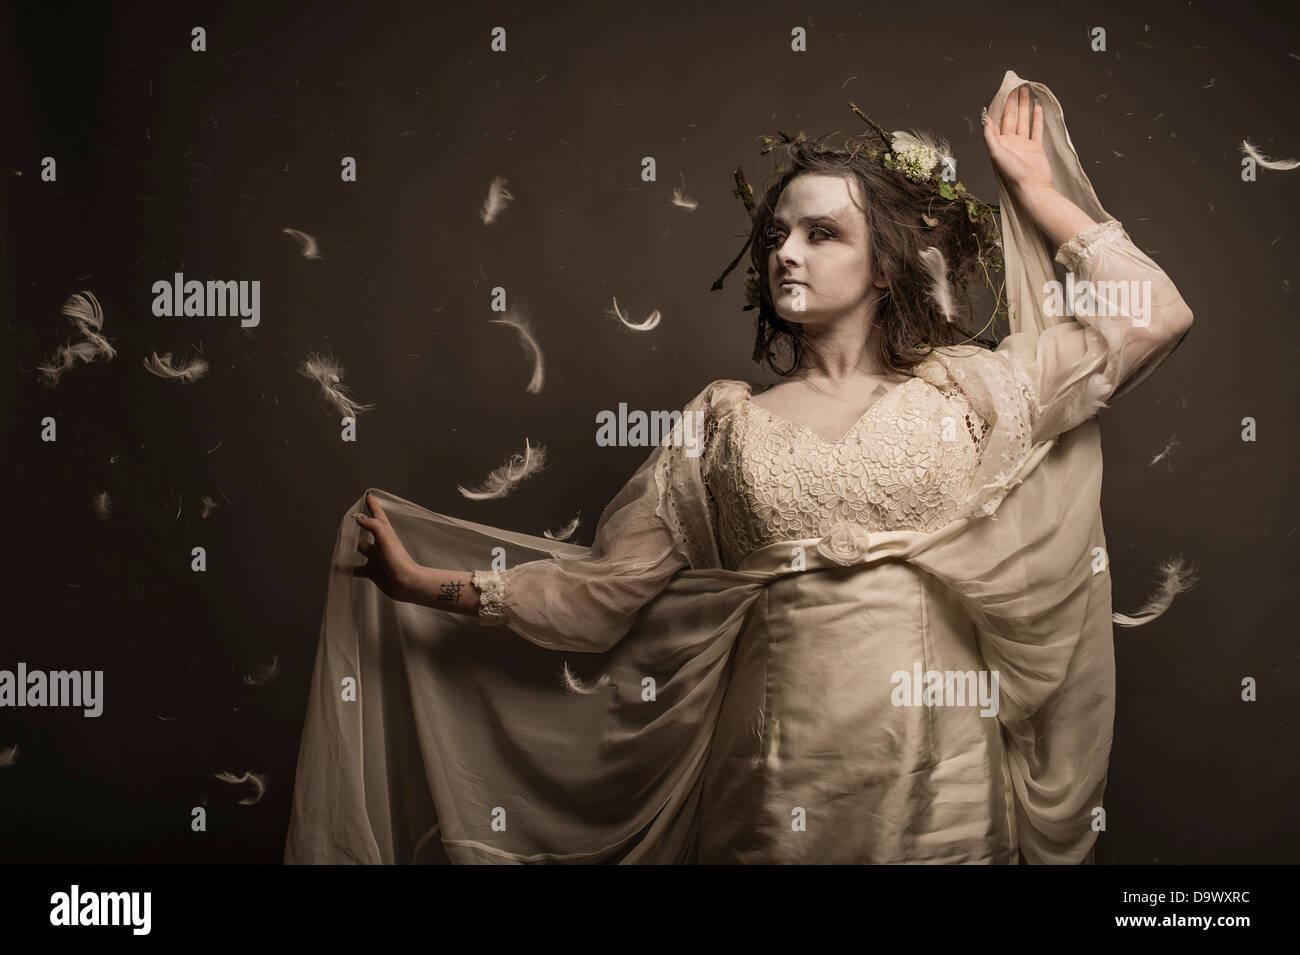 Eine Fantasie Umarbeitung Fotosession - Woman Mädchen verkleidet als blasse gespenstischen Wald Geist Kreatur Stockbild